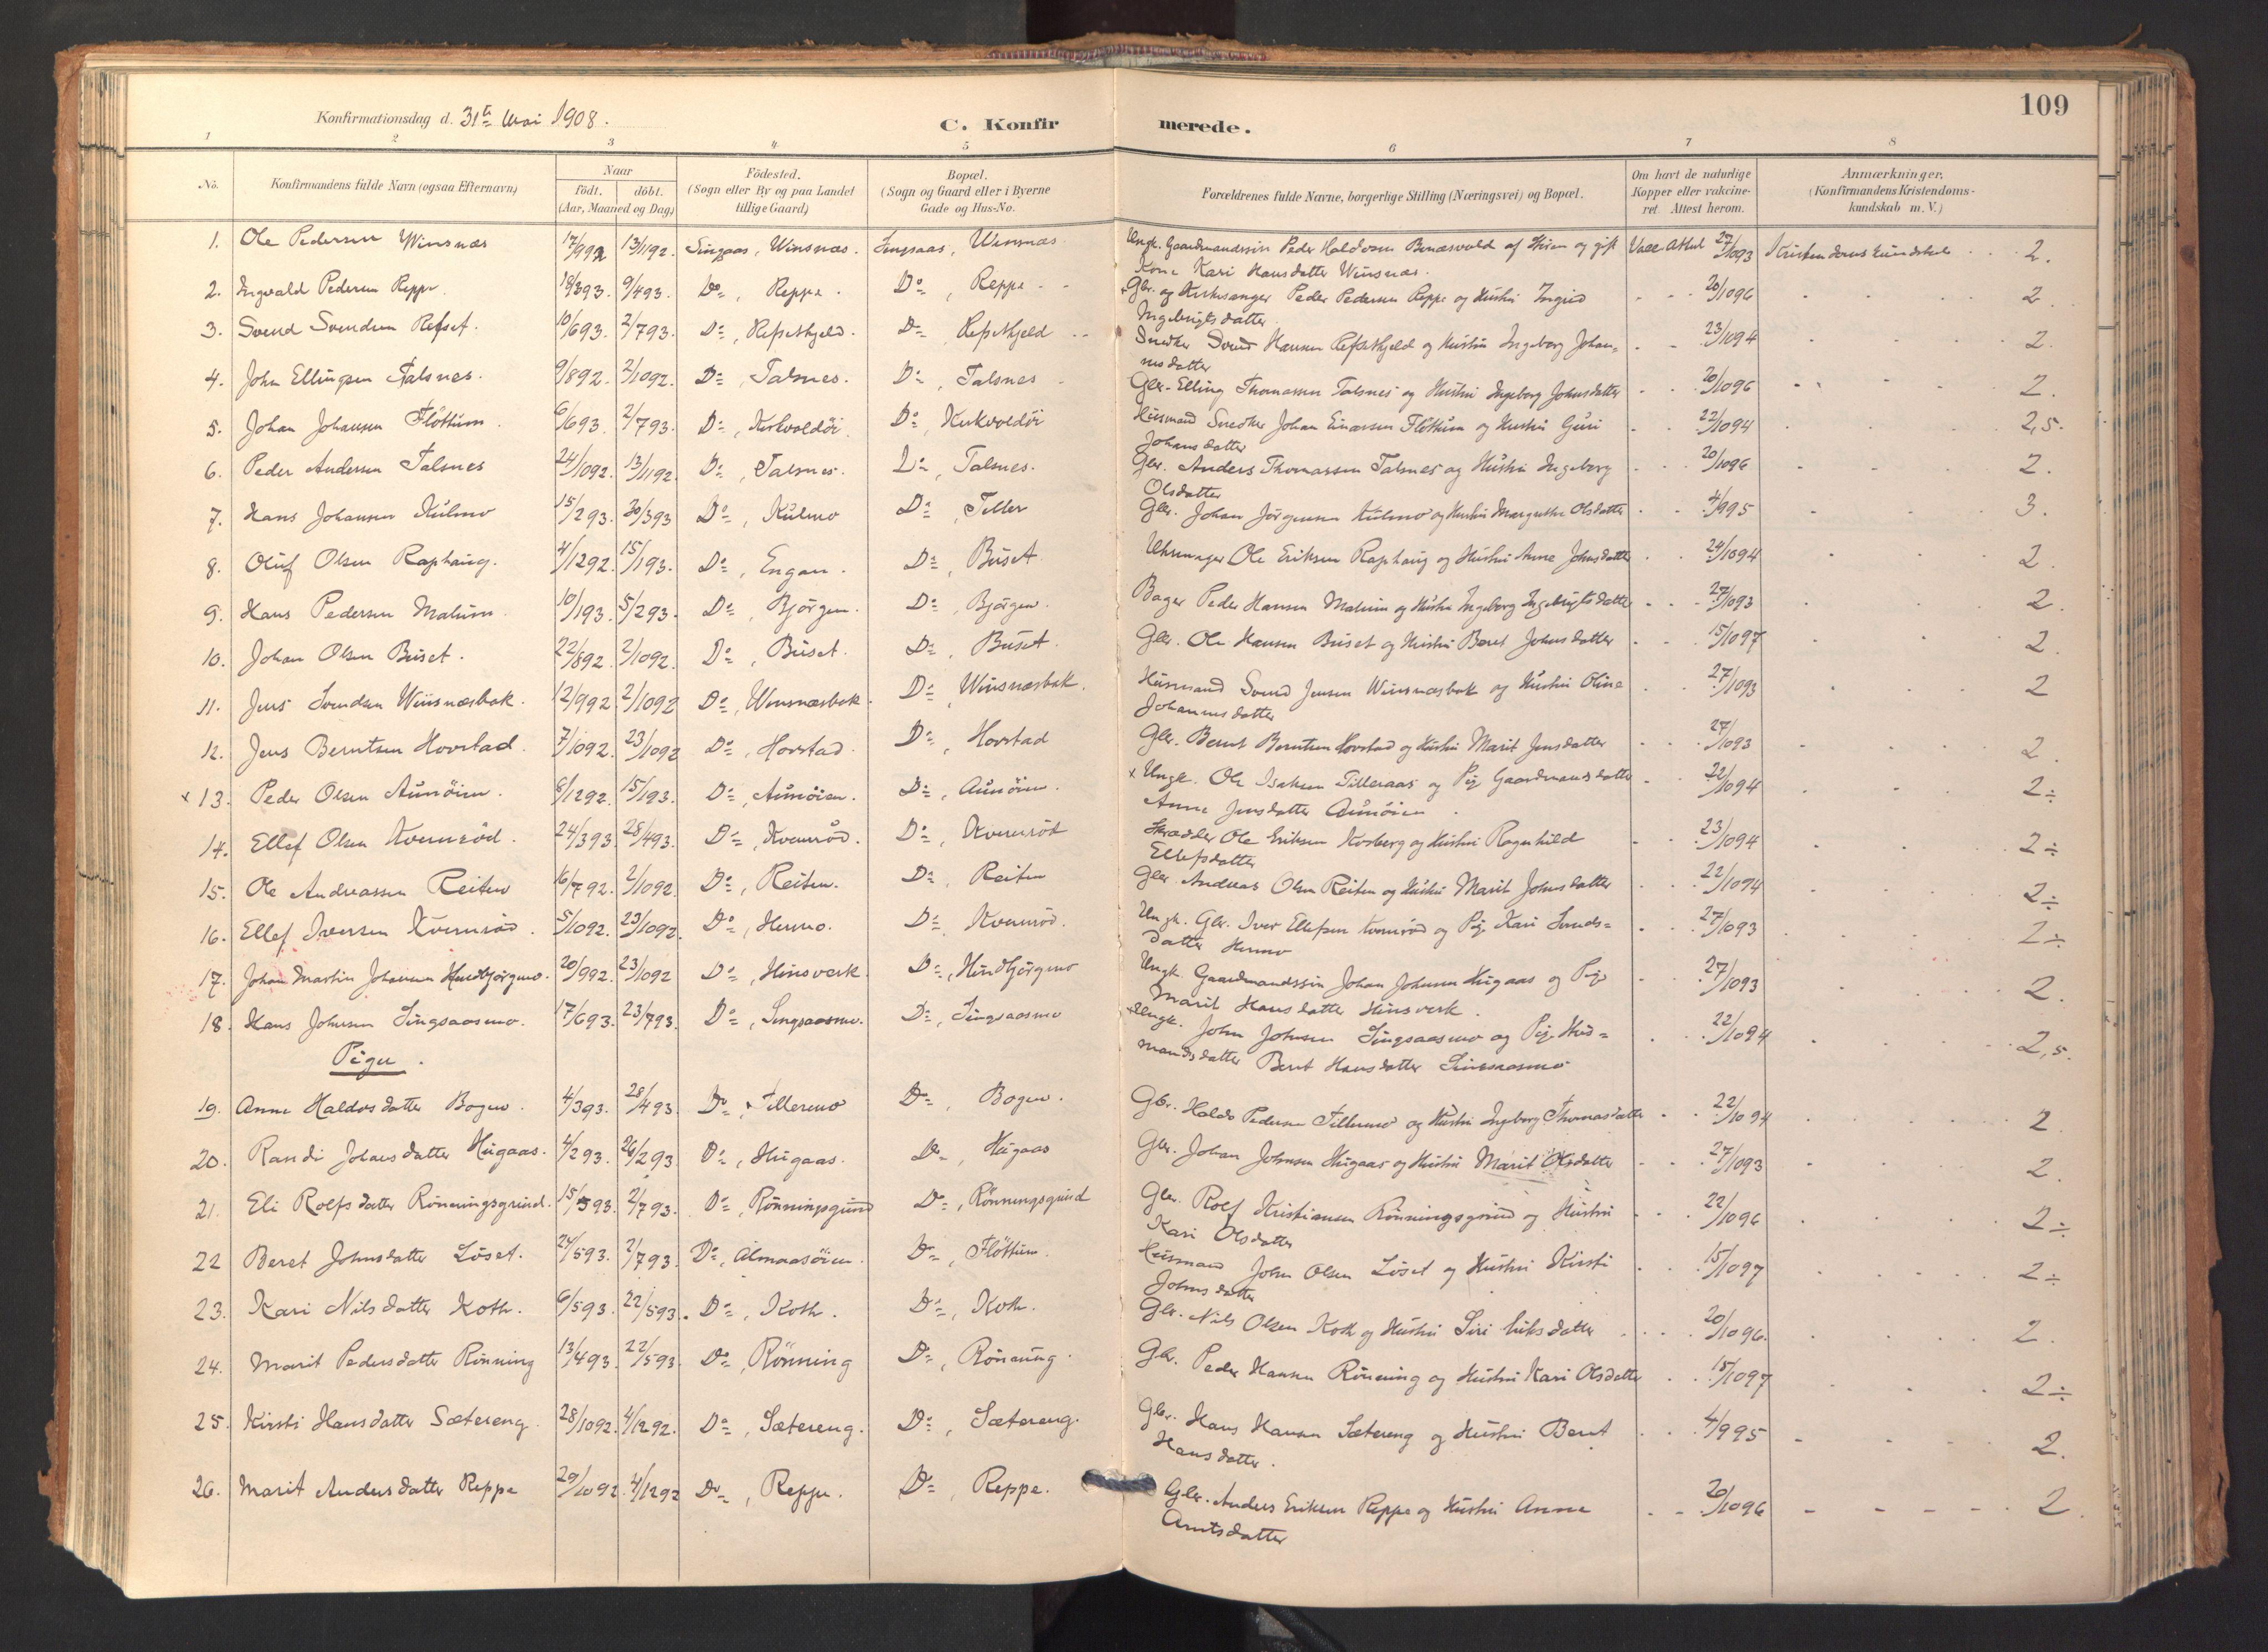 SAT, Ministerialprotokoller, klokkerbøker og fødselsregistre - Sør-Trøndelag, 688/L1025: Ministerialbok nr. 688A02, 1891-1909, s. 109